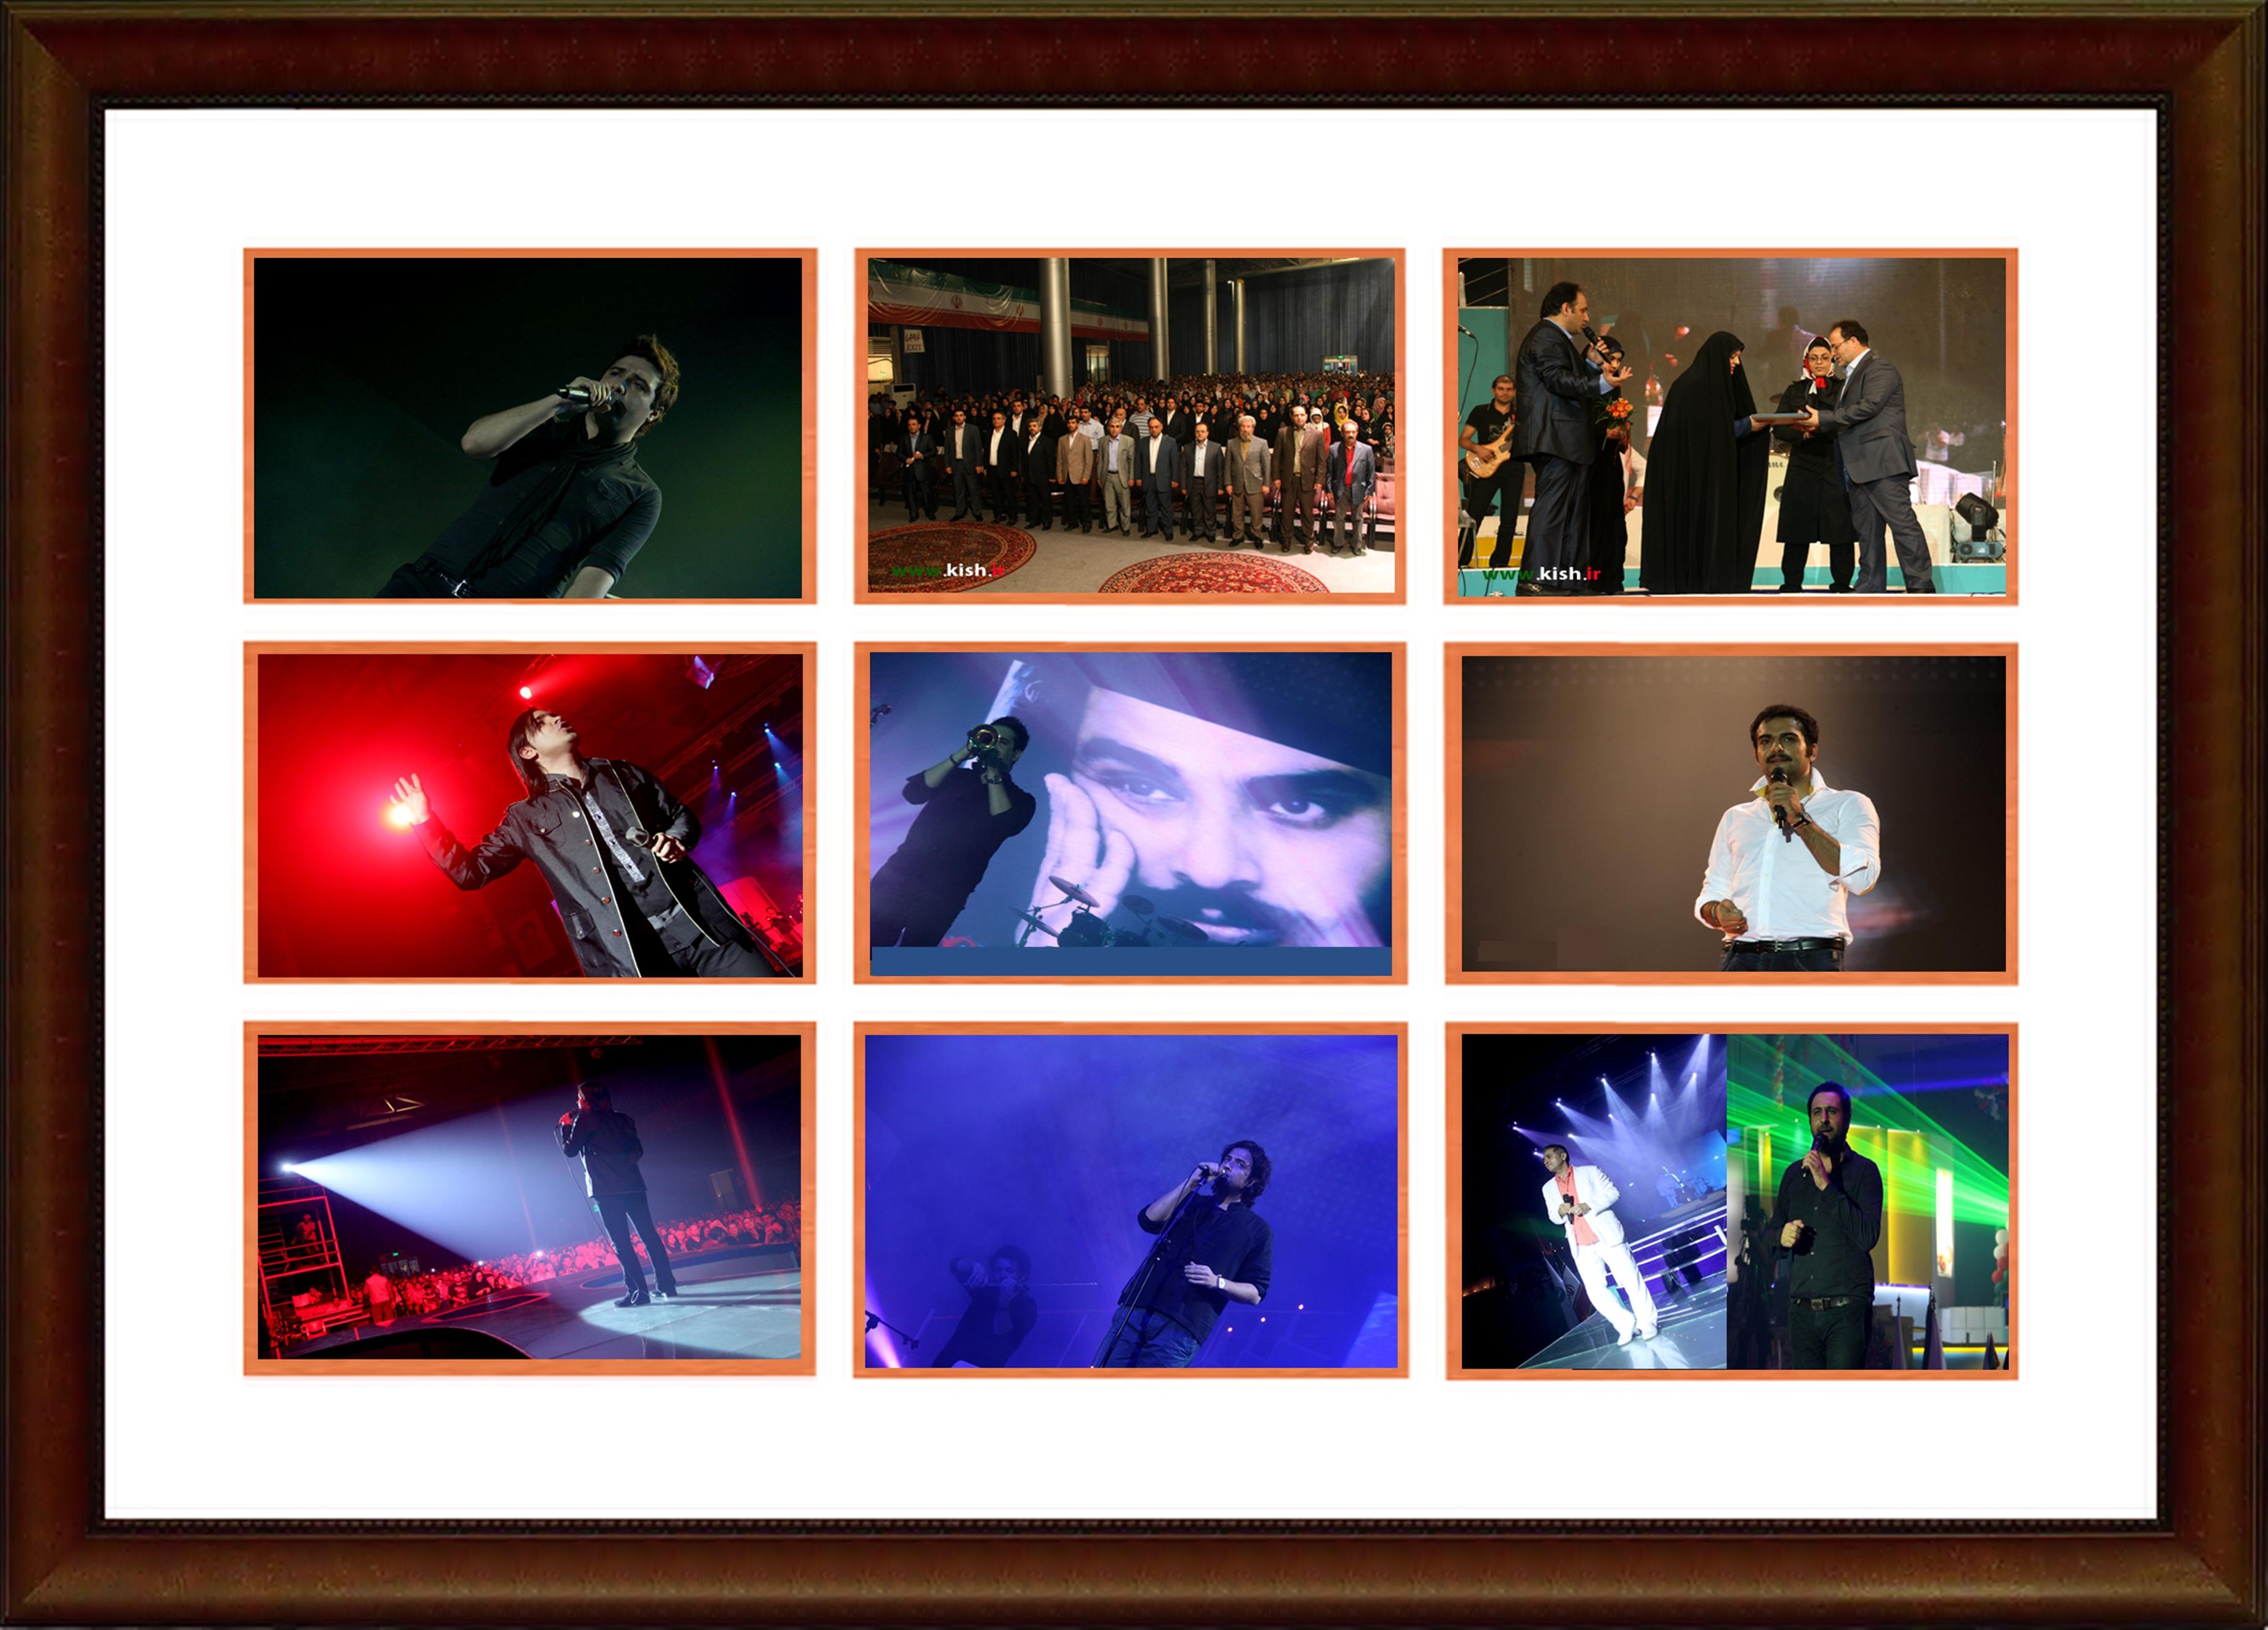 http://reza515515.persiangig.com/Nasseria/capture-20120926-135757.jpg